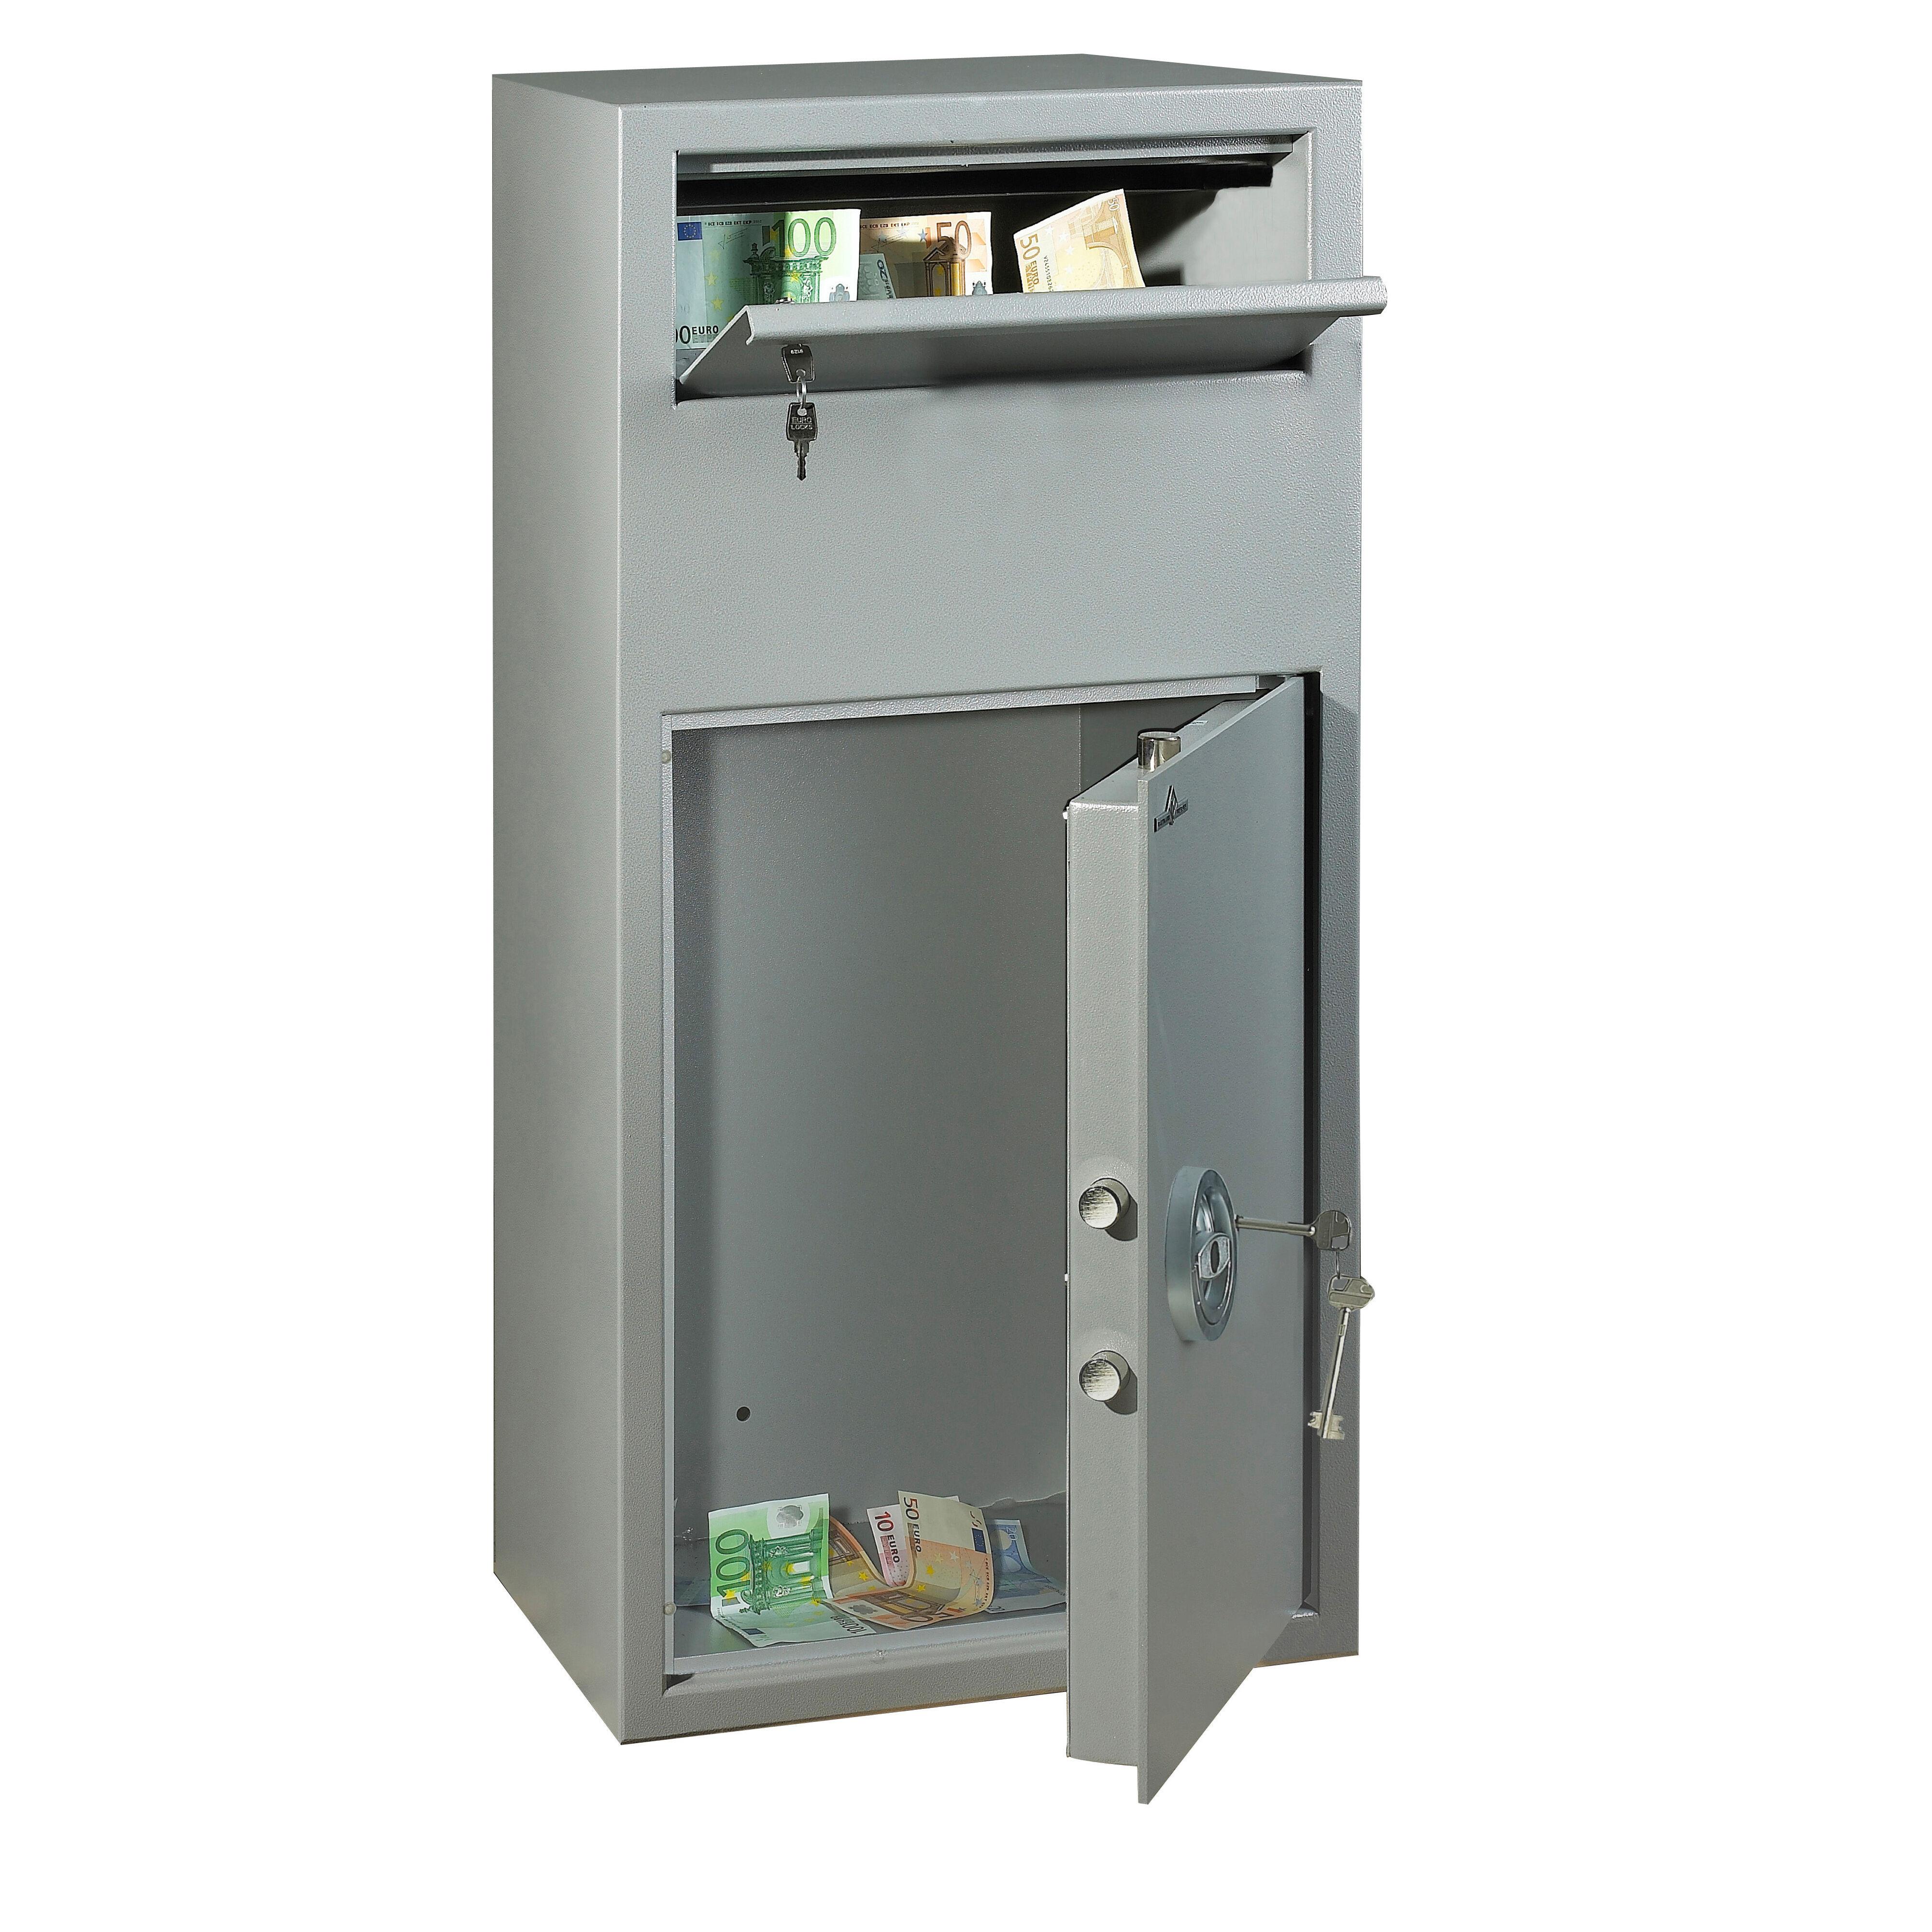 Axess Industries Coffre de dépôts de fonds à trappe   Type de serrure Clés A2P   Volume 78 L